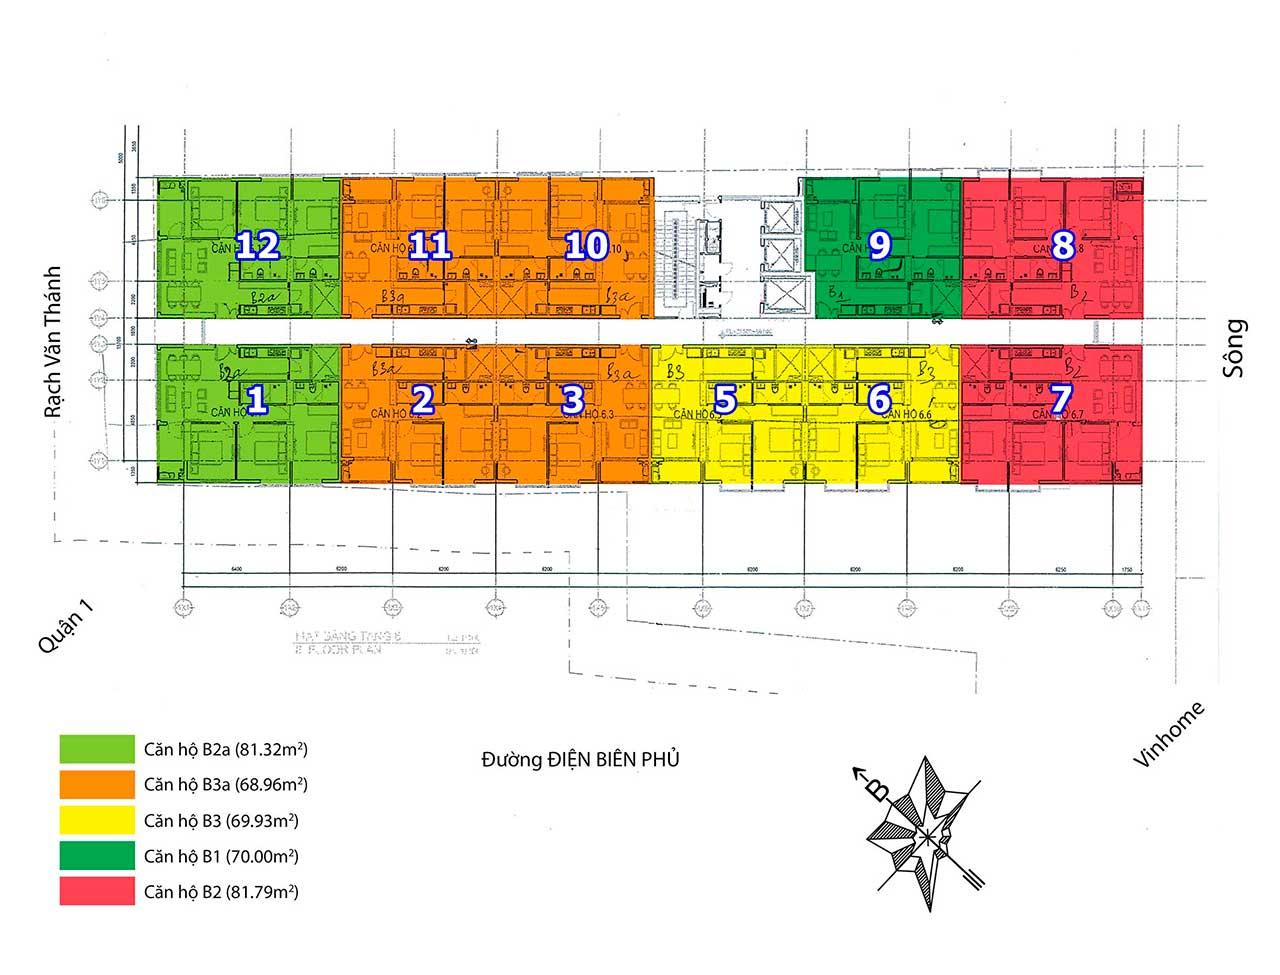 Mặt bằng căn hộ 152 Điện Biên Phủ Phường 25 Quận Bình Thạnh